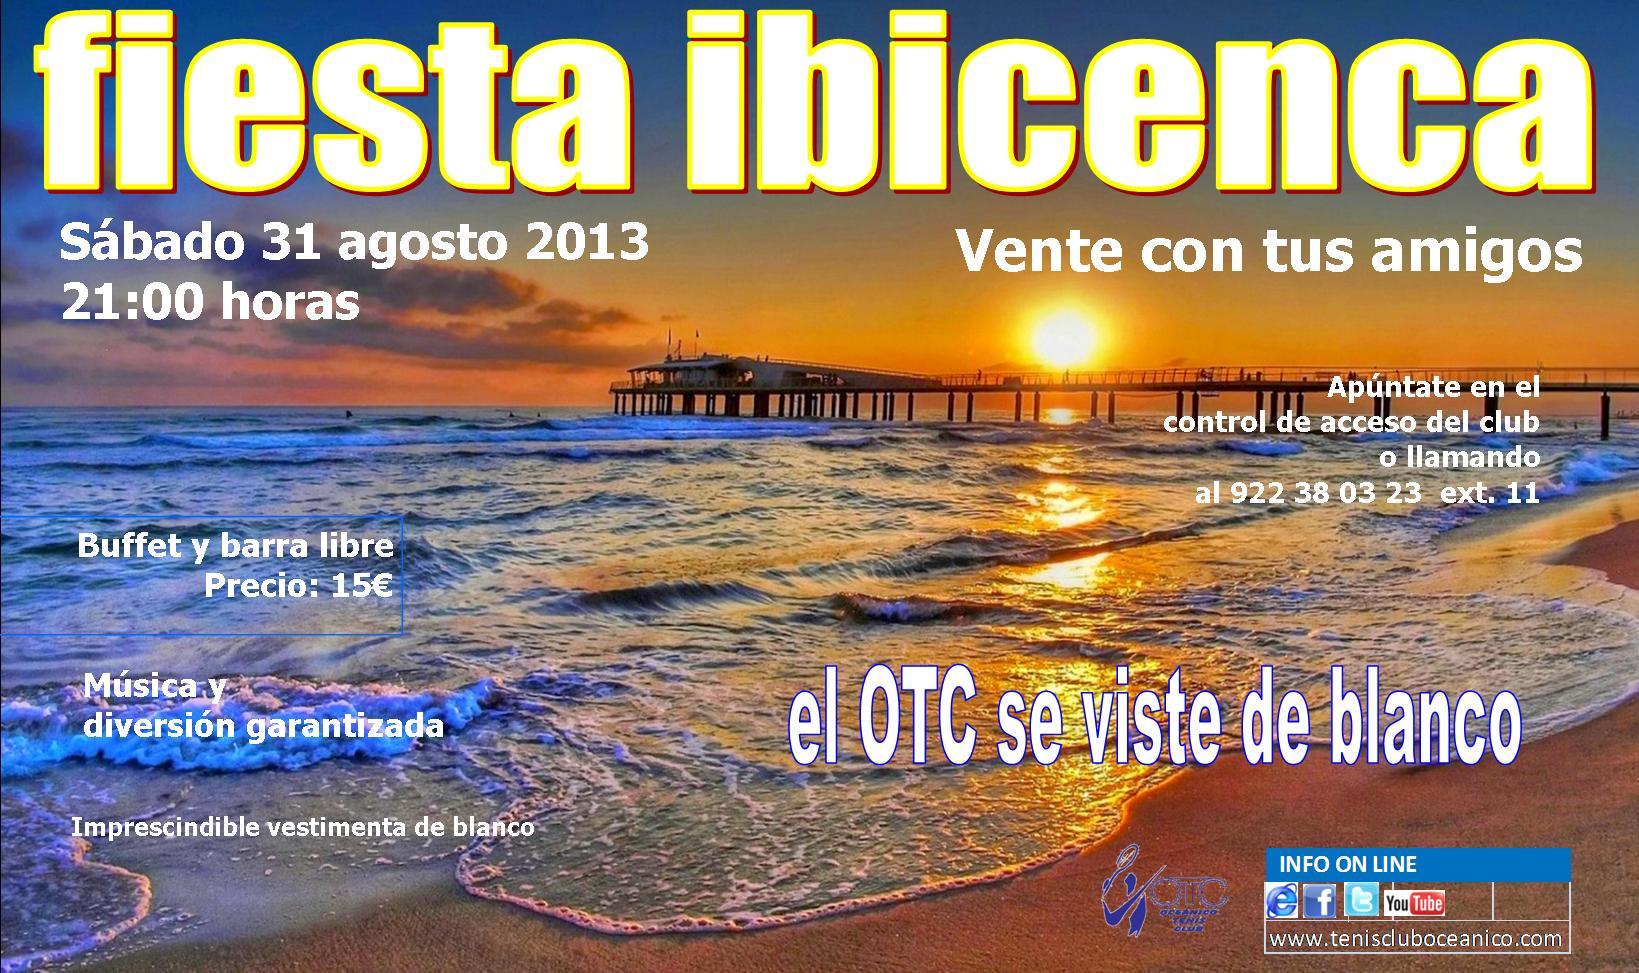 Fiesta ibicenca s bado 31 de agosto - Fiesta ibicenca ...